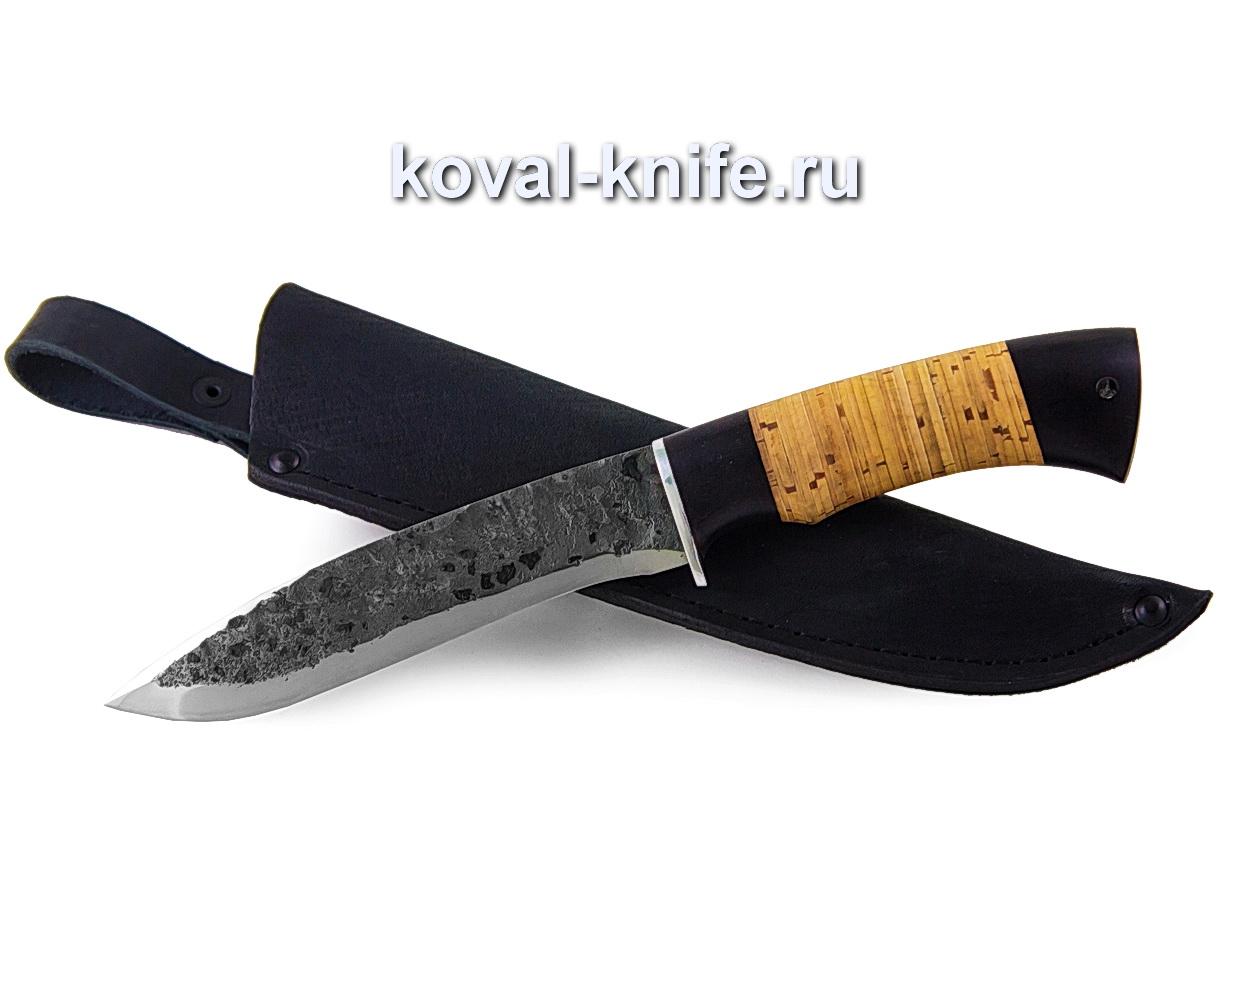 Нож Олимп из кованой стали 9хс (рукоять береста и граб)